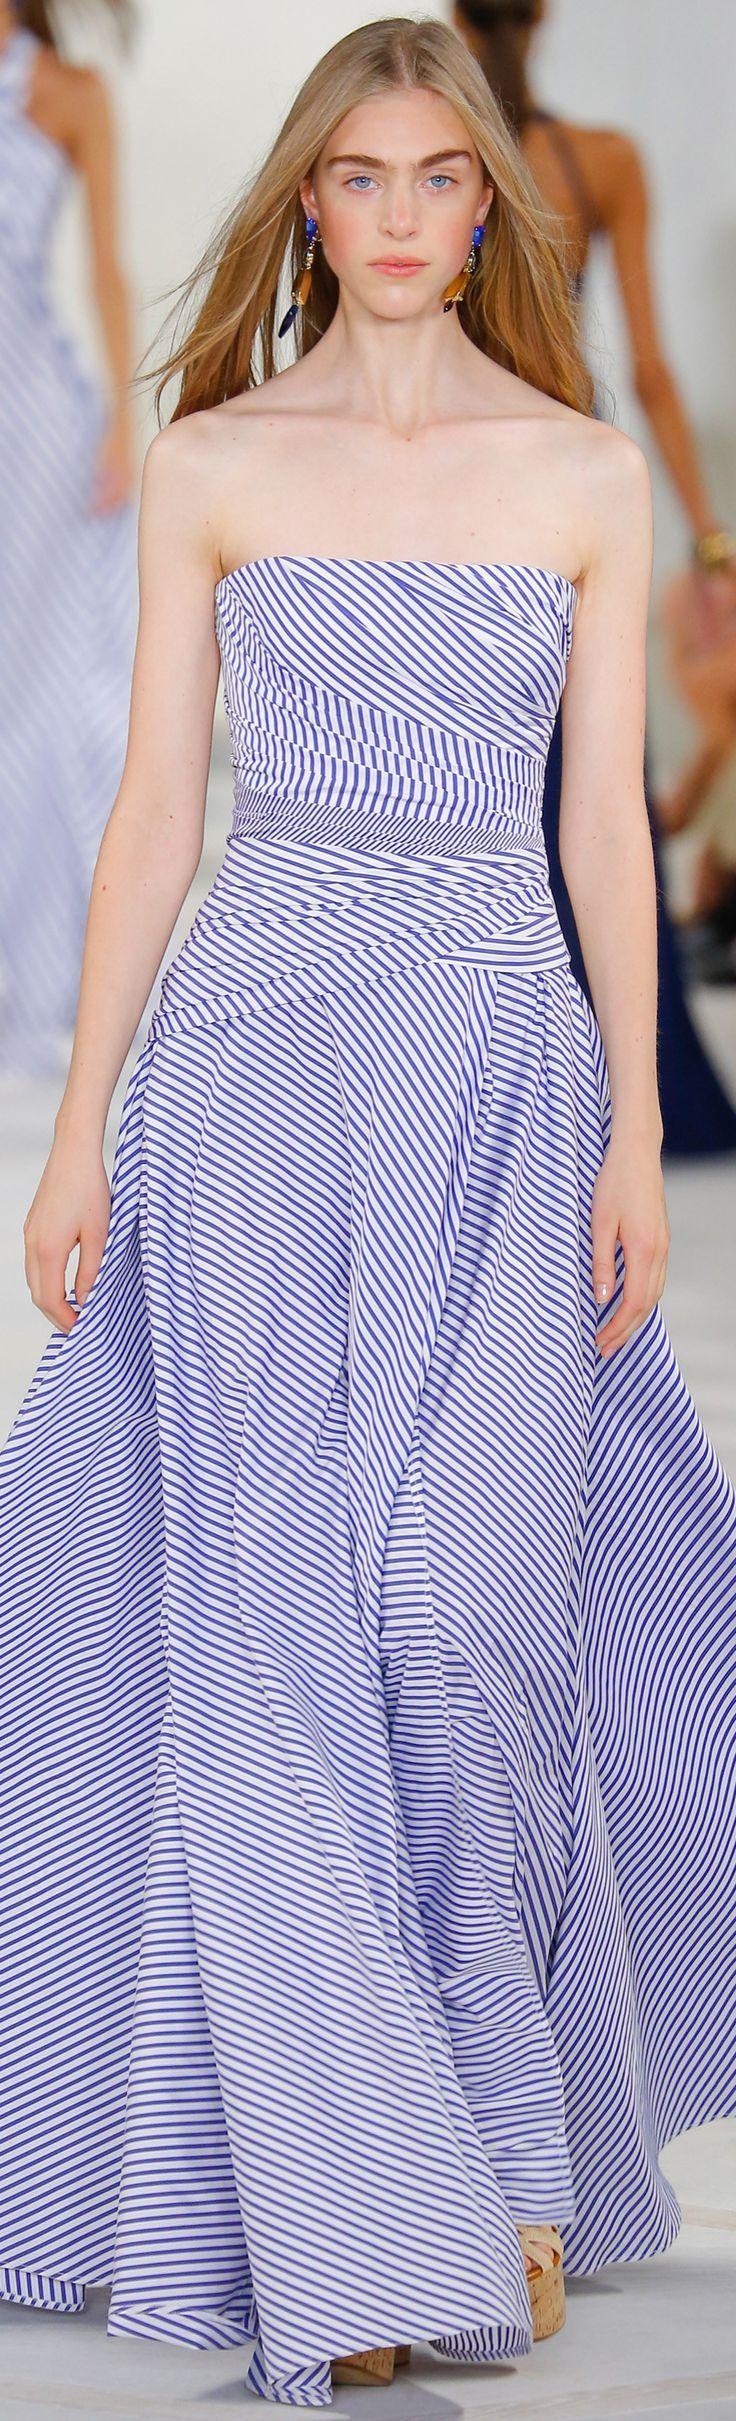 Robe ralph lauren bleu et blanche